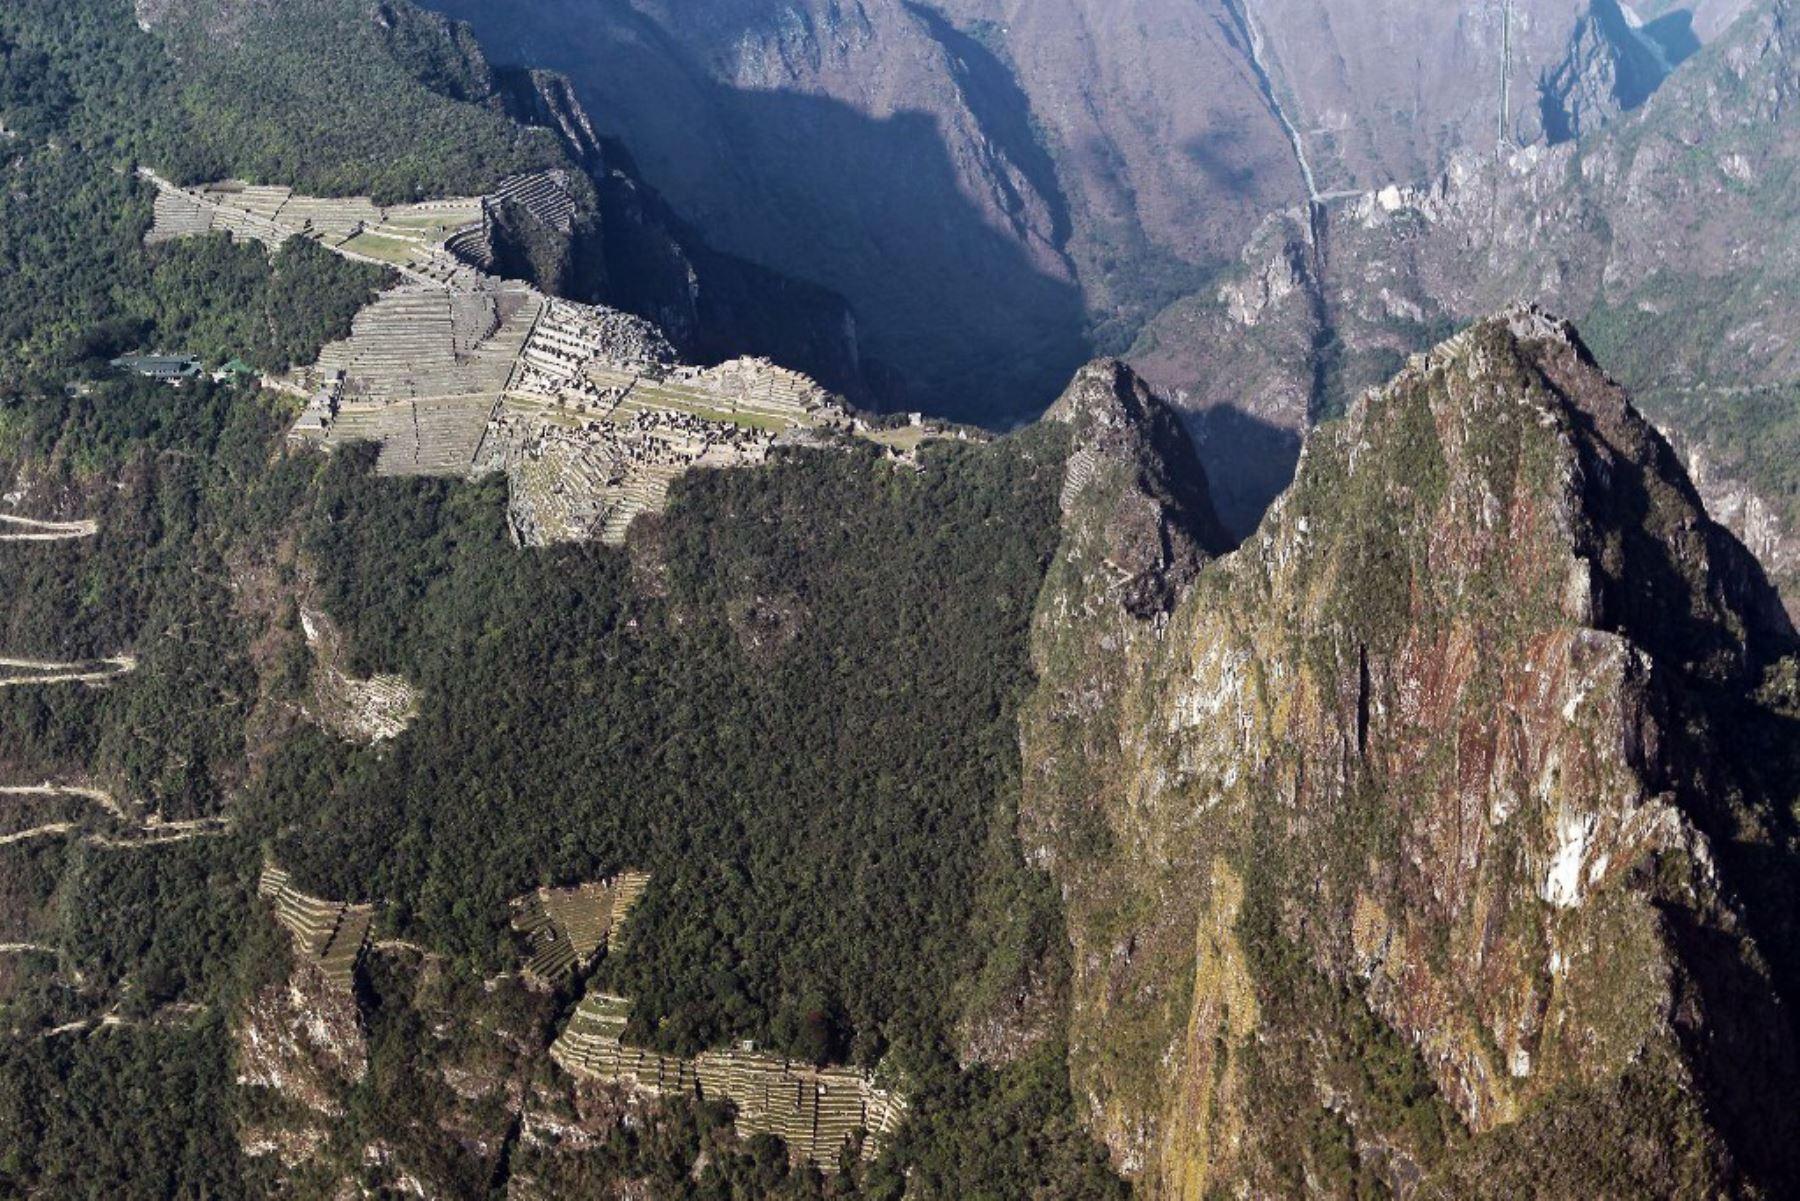 Folleto publicado por la agencia nacional peruana Andina que muestra una vista aérea de la ciudadela inca de Machu Picchu, Perú. Foto: ANDINA/Difusión